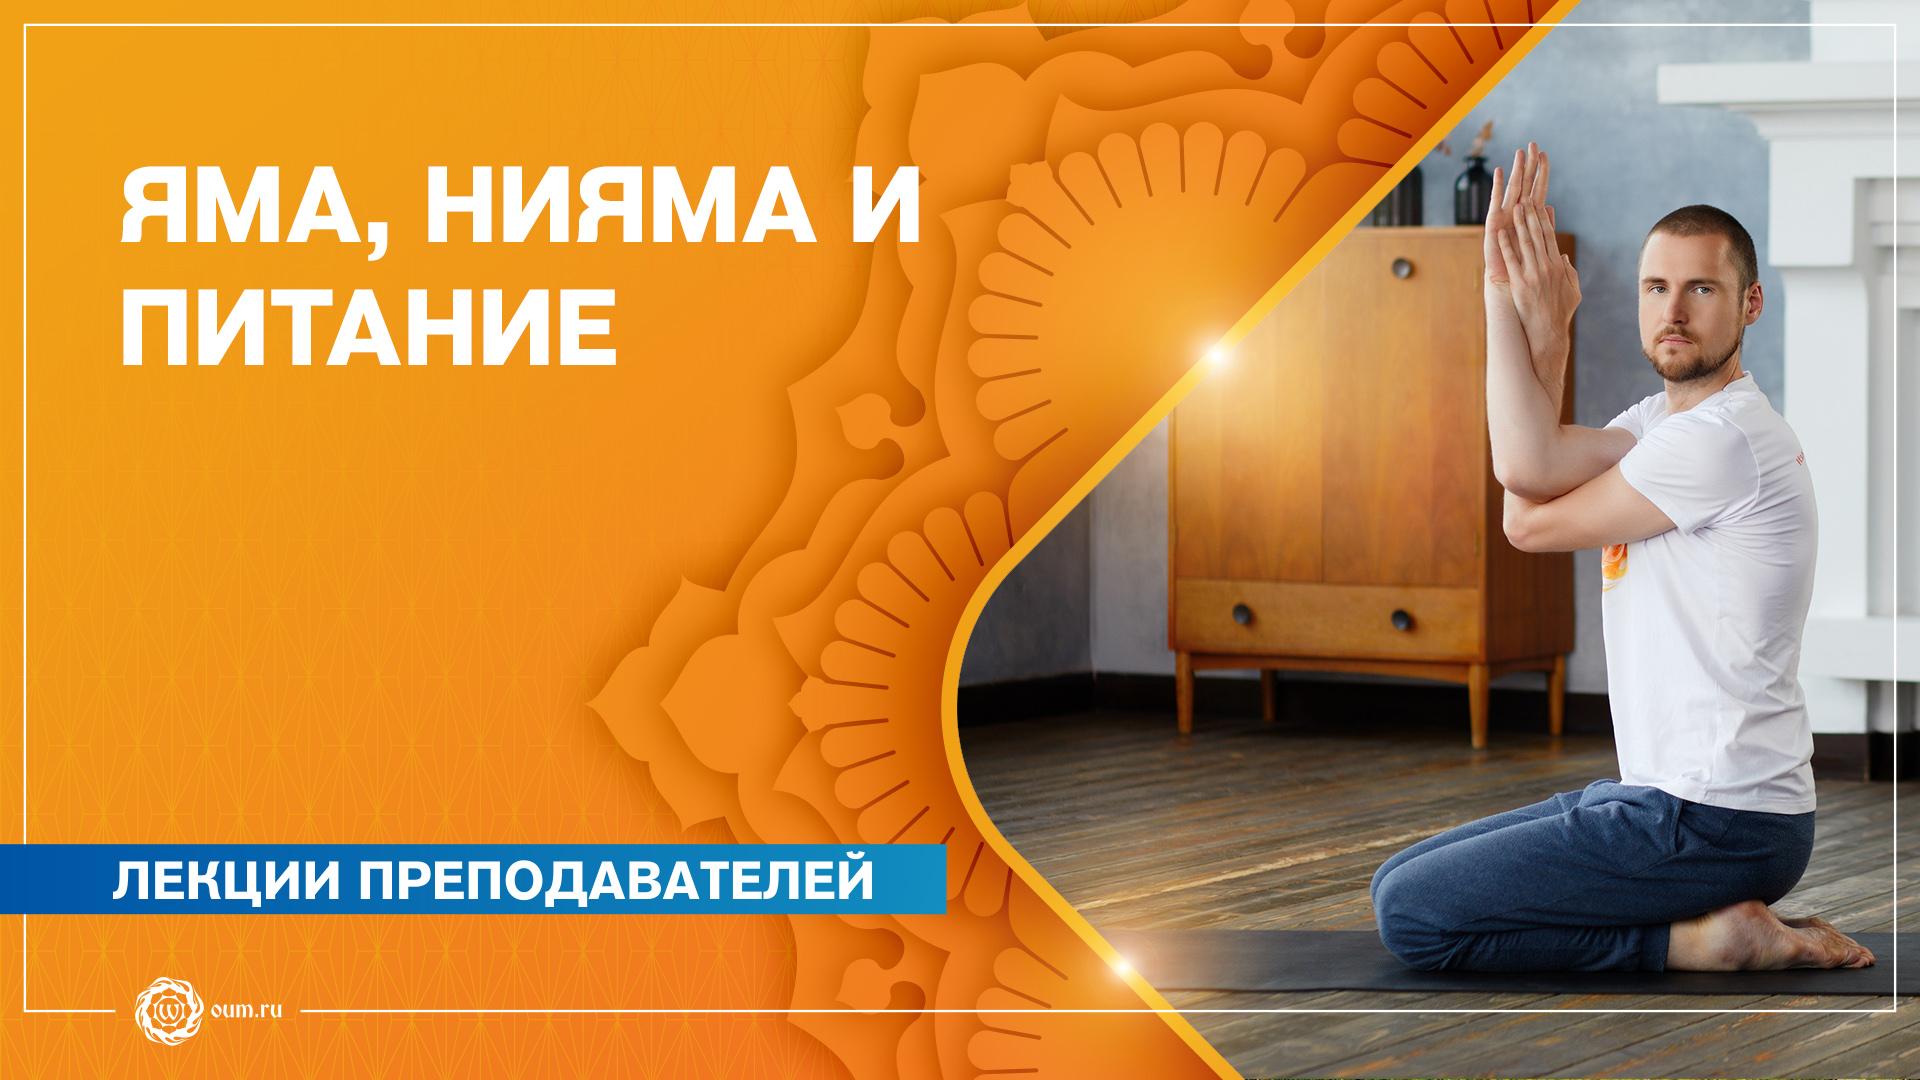 Яма, Нияма и питание. Михаил Дмитриев